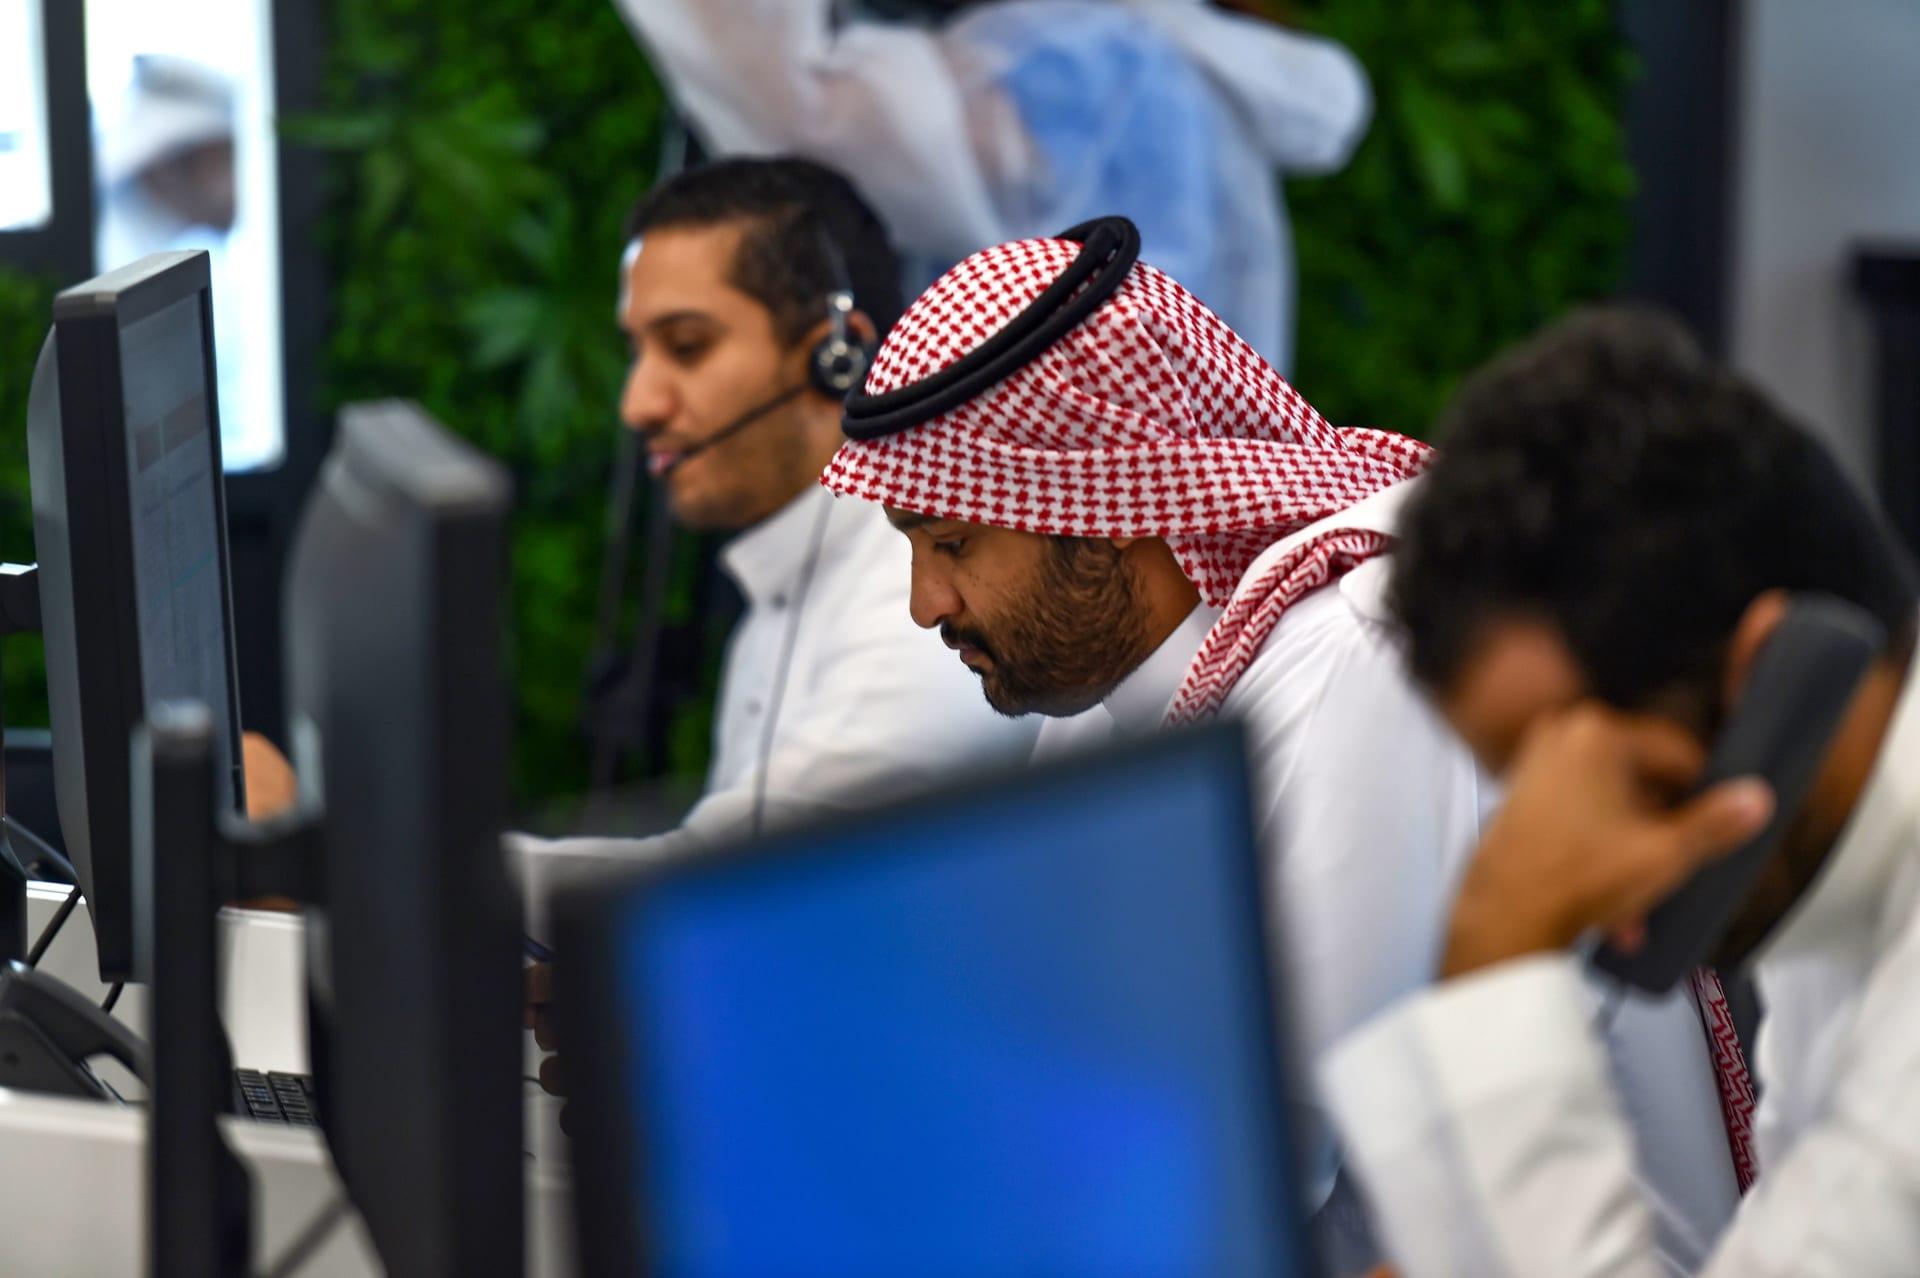 السعودية تعتزم الإعلان عن آلية للتسجيل من أجل أخذ لقاح كورونا قريباً